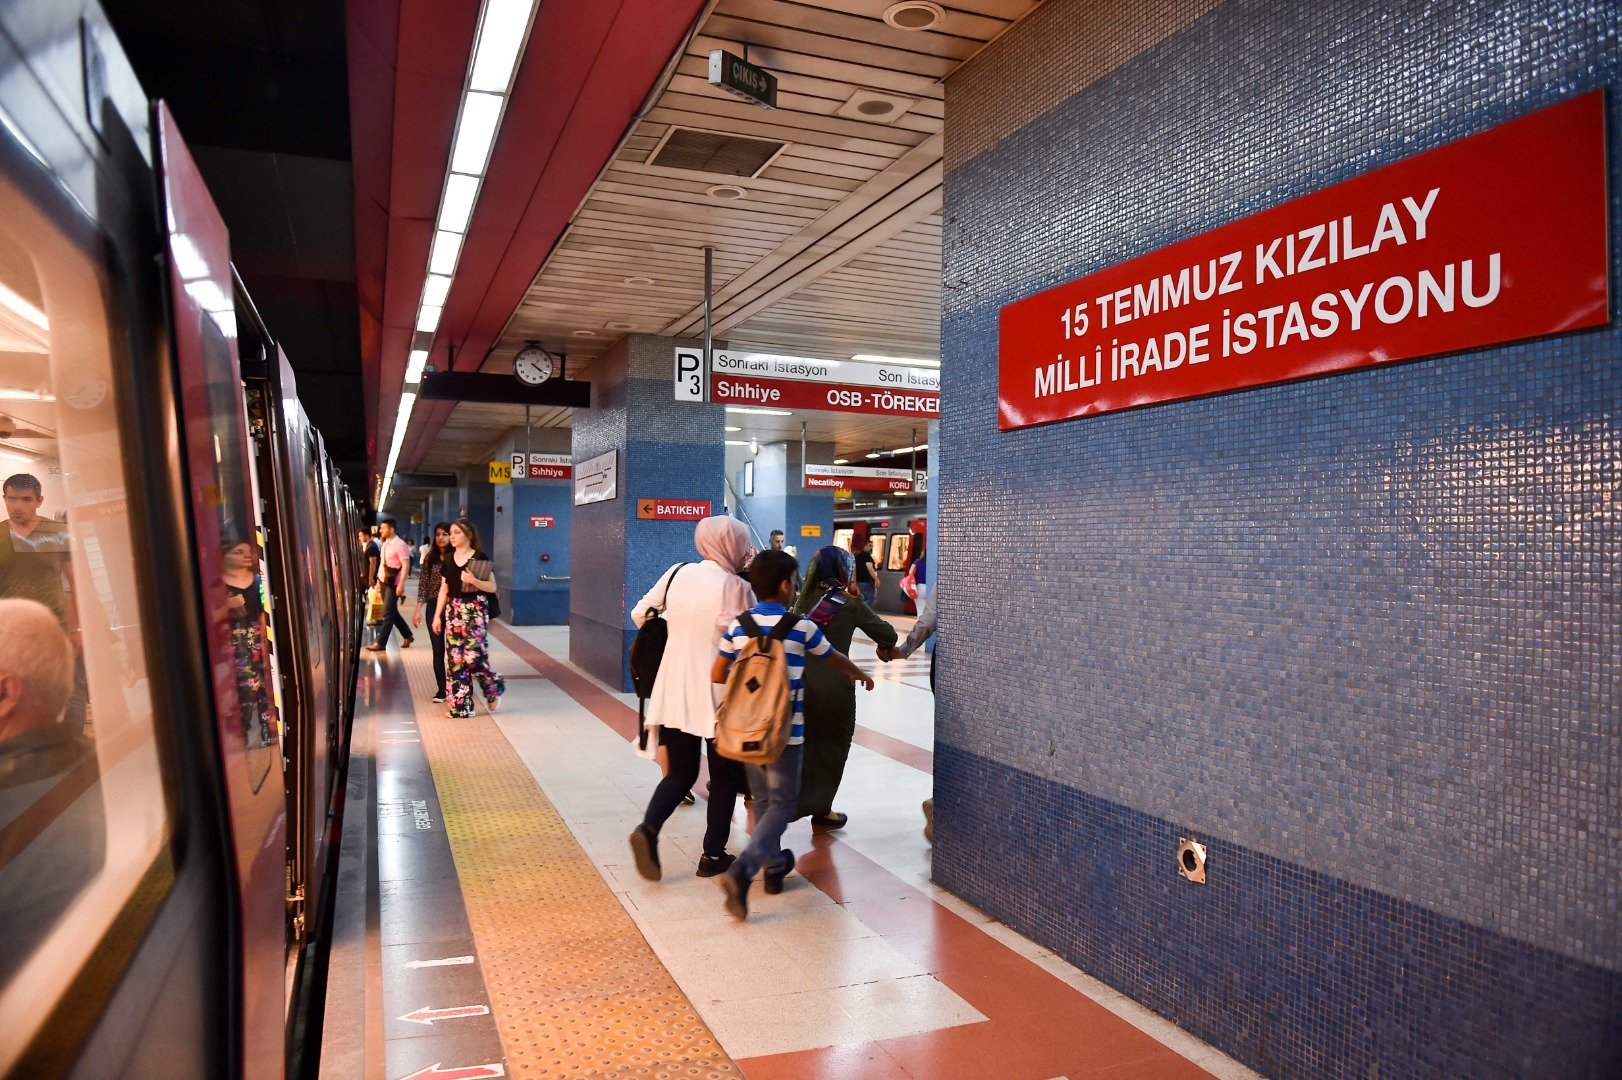 Metroda çalışanlara